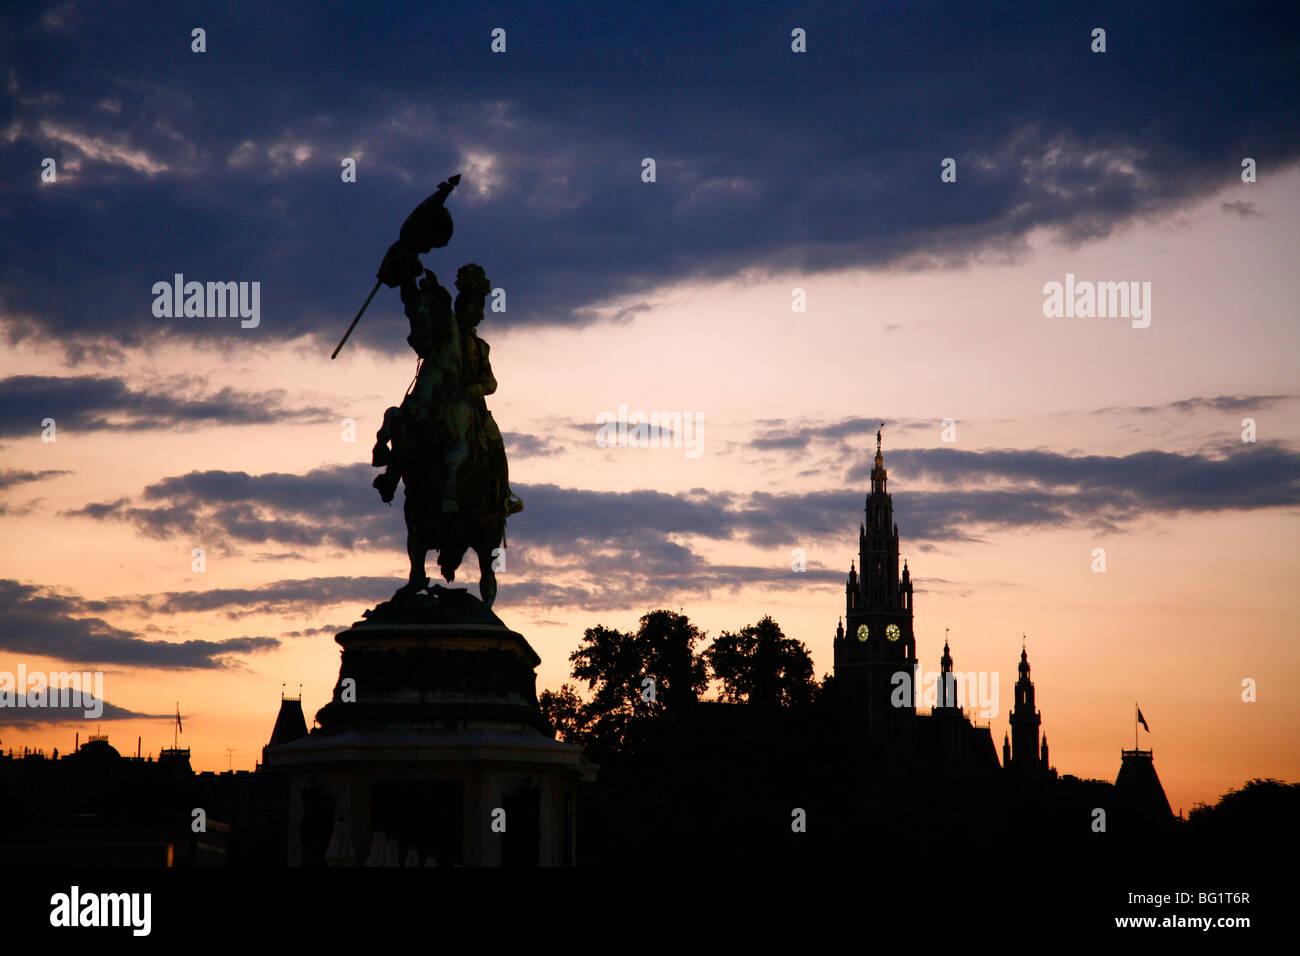 Archduke Karl statue at Heldenplatz, Vienna, Austria, Europe - Stock Image